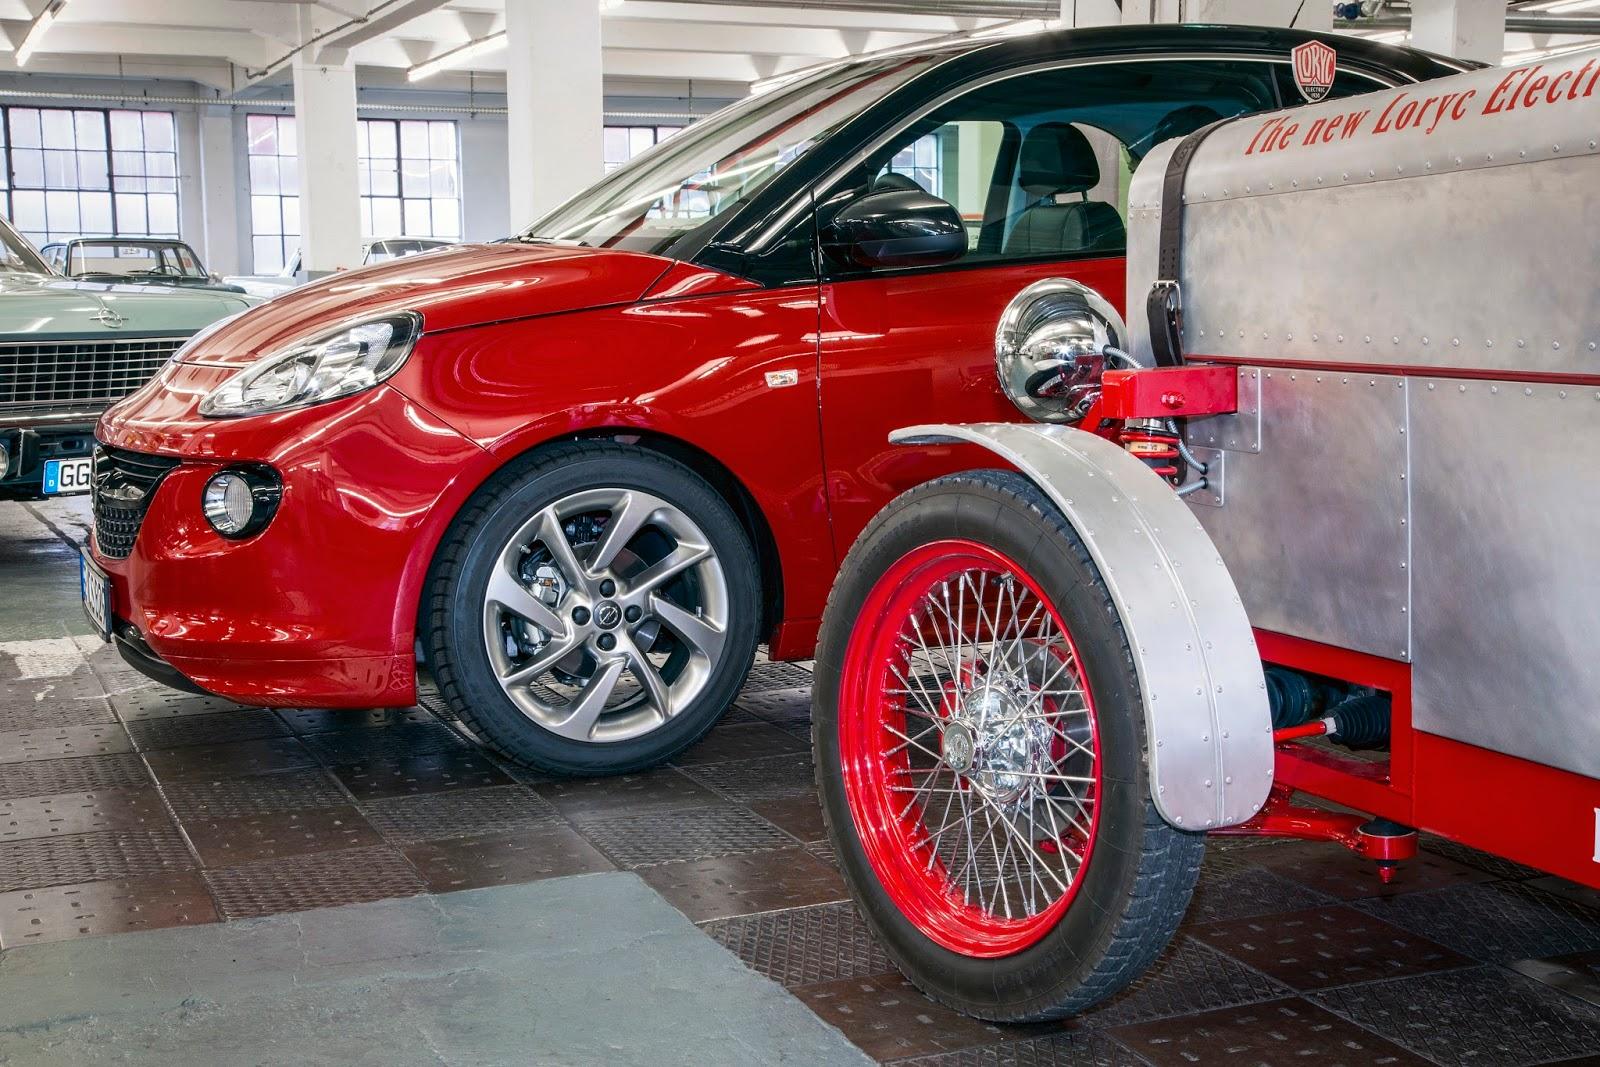 Opel 303788 Το Opel Adam δωρίζει τα εξαρτημάτα του και δίνει ζωή στο Loryc Electric Speedster Electric cars, Loryc, Opel, Opel ADAM